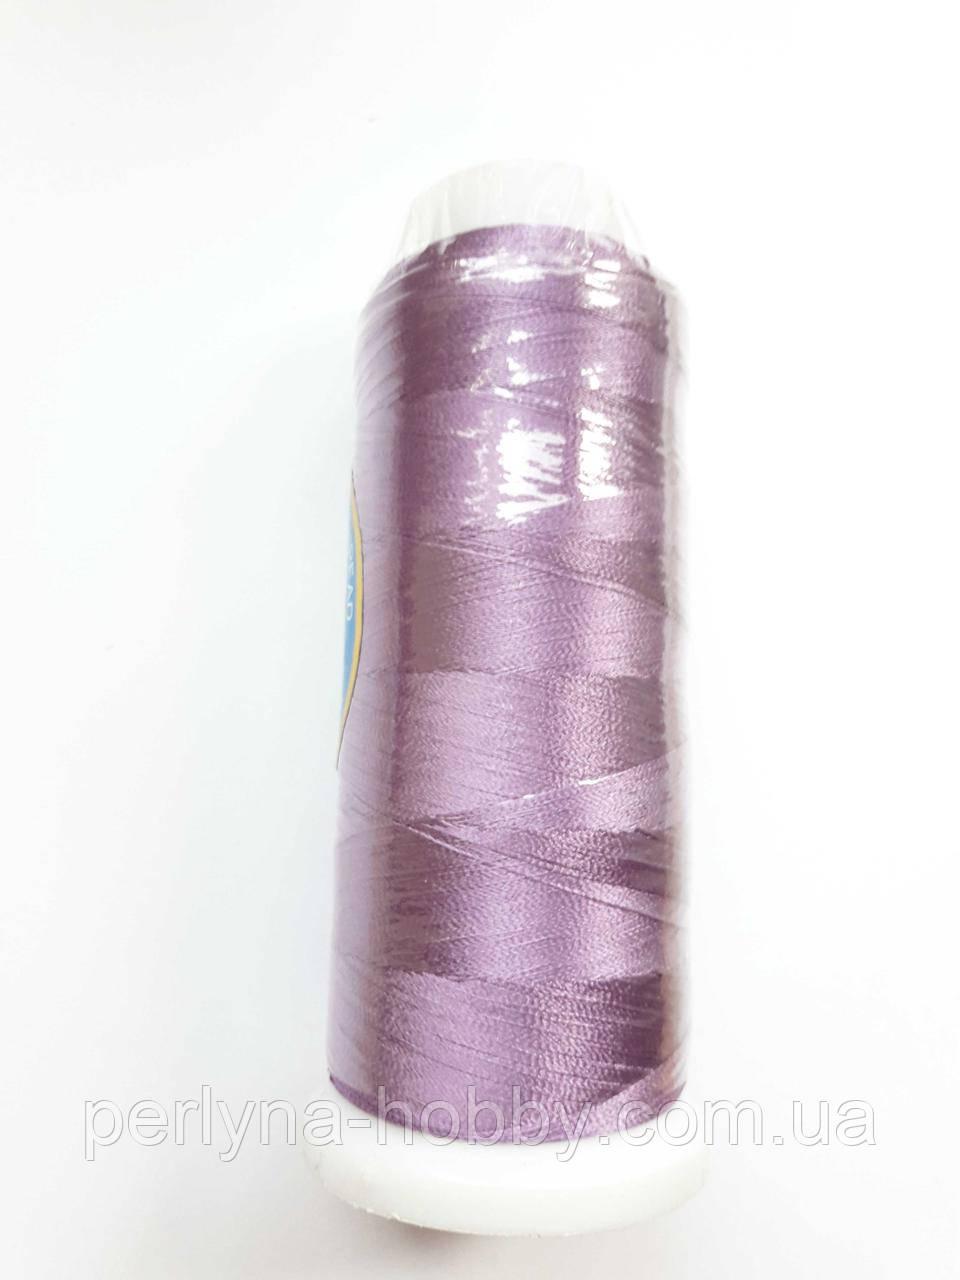 Нитки для машинної вишивки 100% віскоза (100% rayon) 3000 ярдів, №486, бузковий